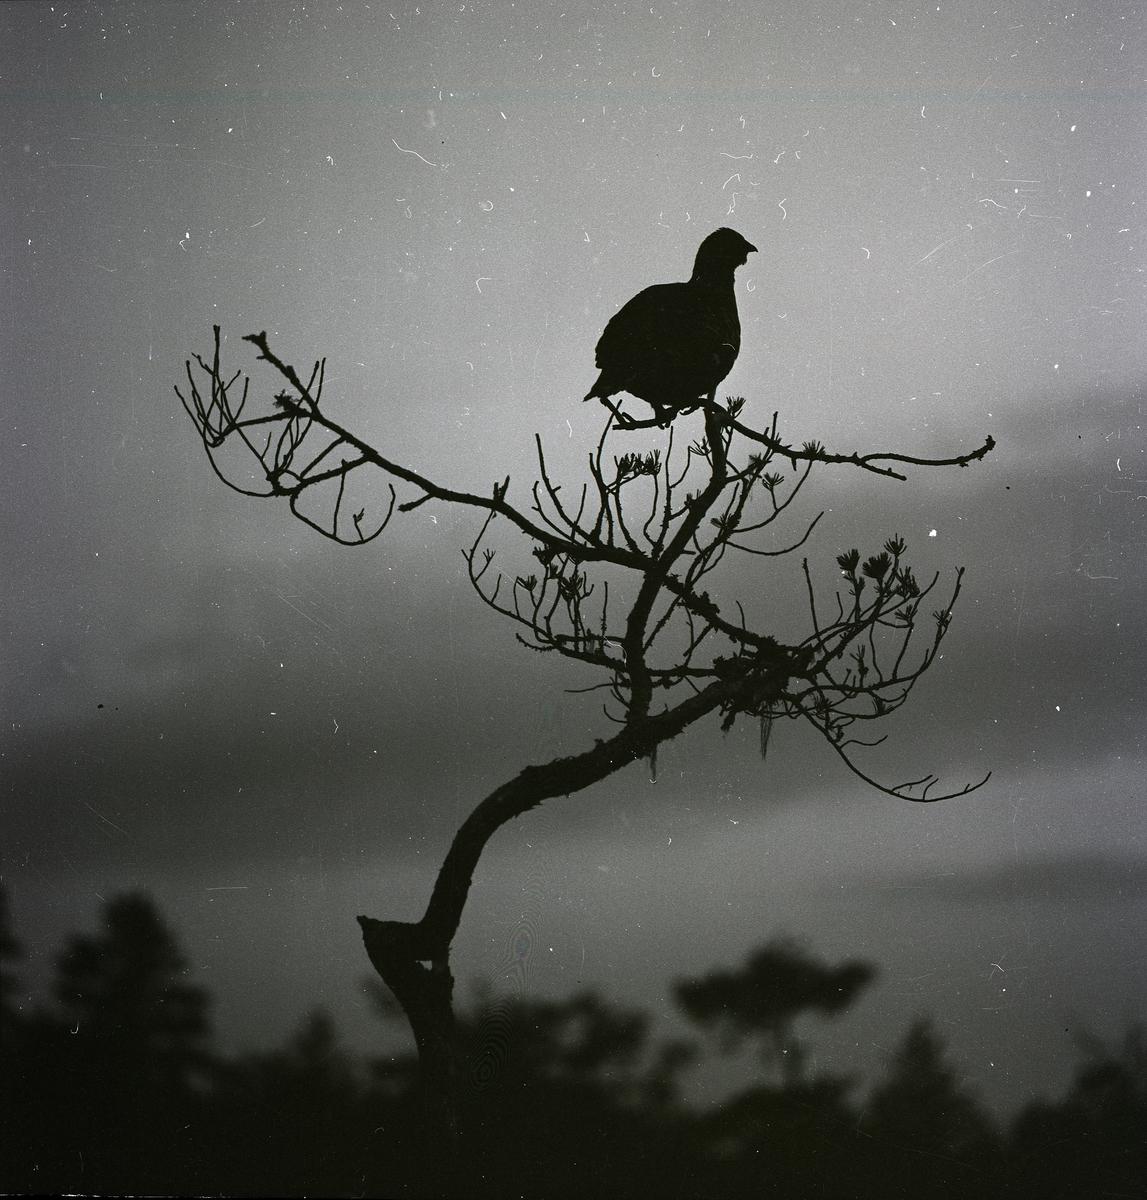 En tjädertupp sitter i toppen av ett träd och spelar den 30 april 1960.